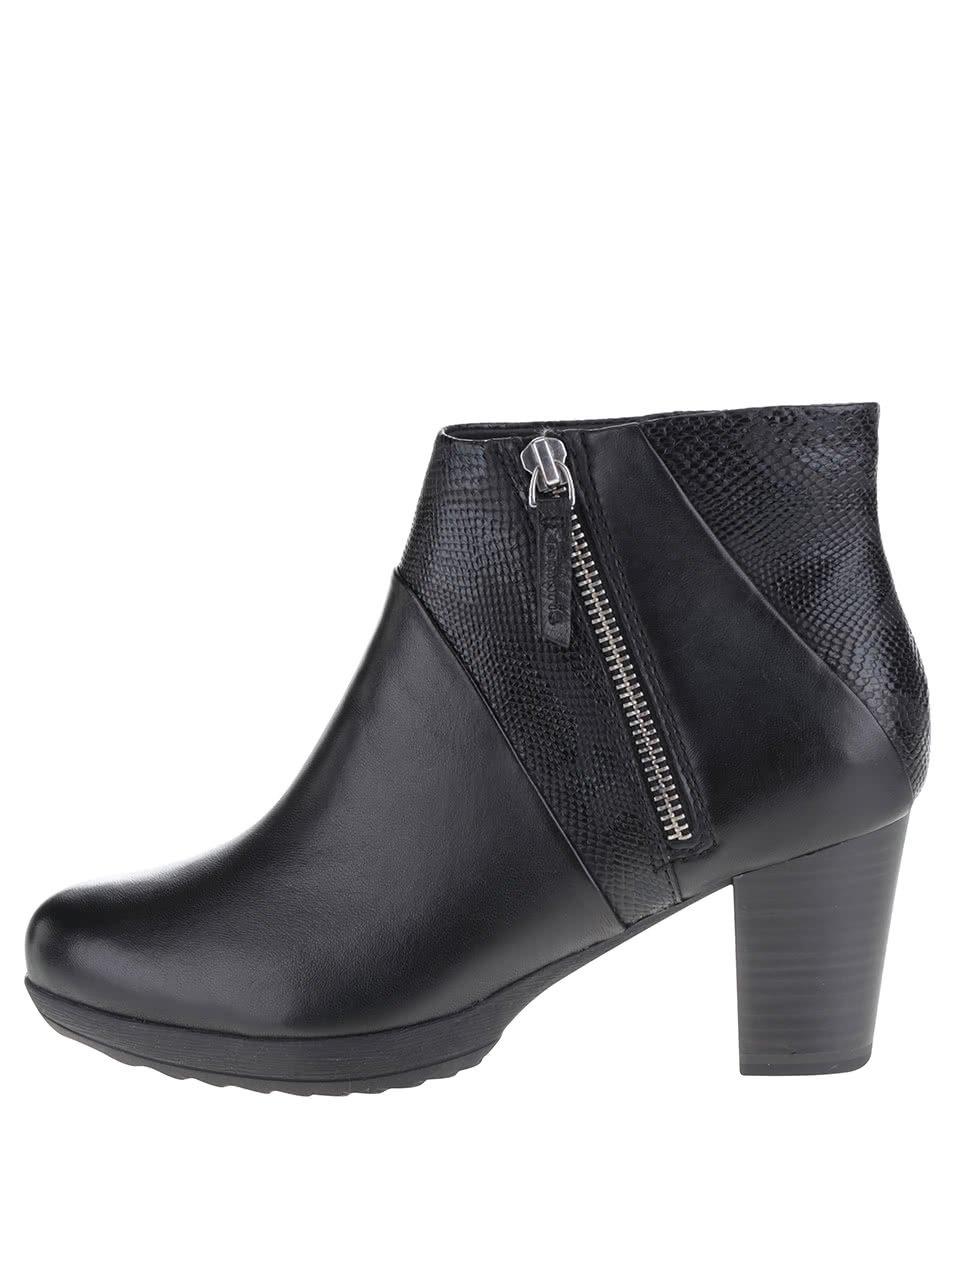 Černé vzorované kotníkové boty na podpatku Tamaris